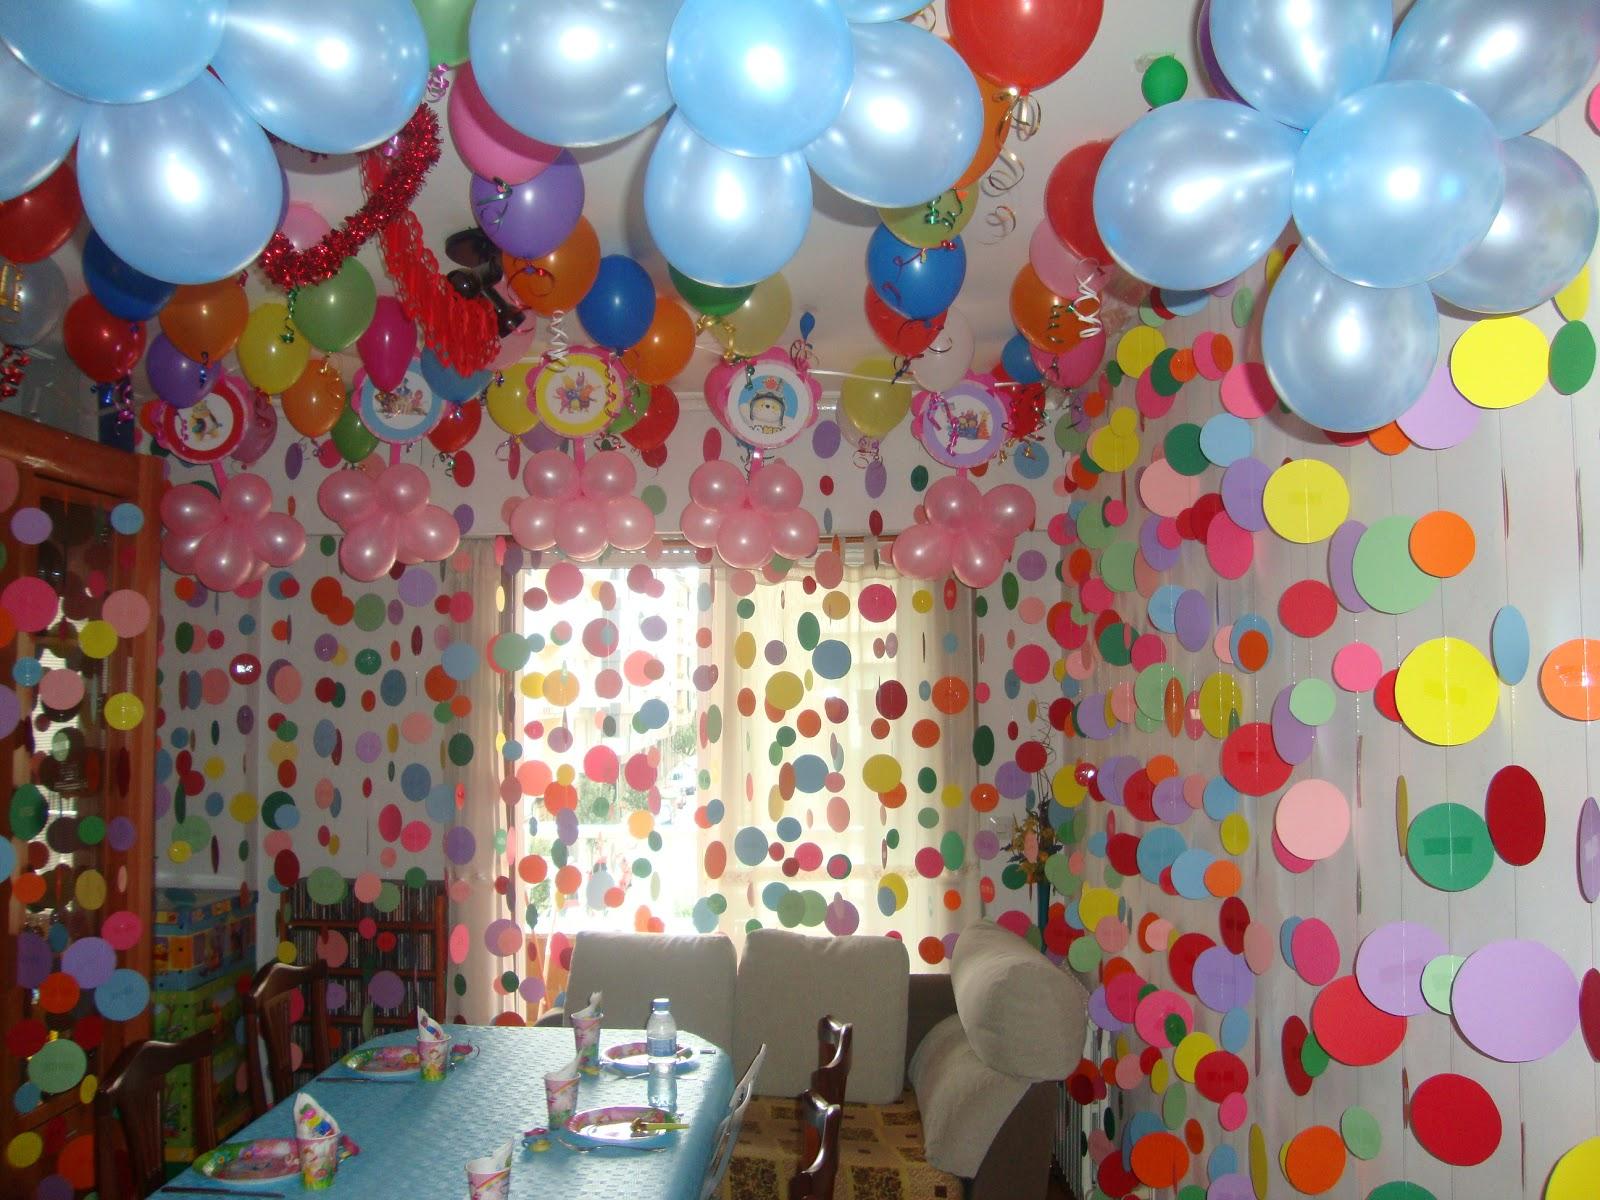 Cumpleaños de niña en casa, imagenes